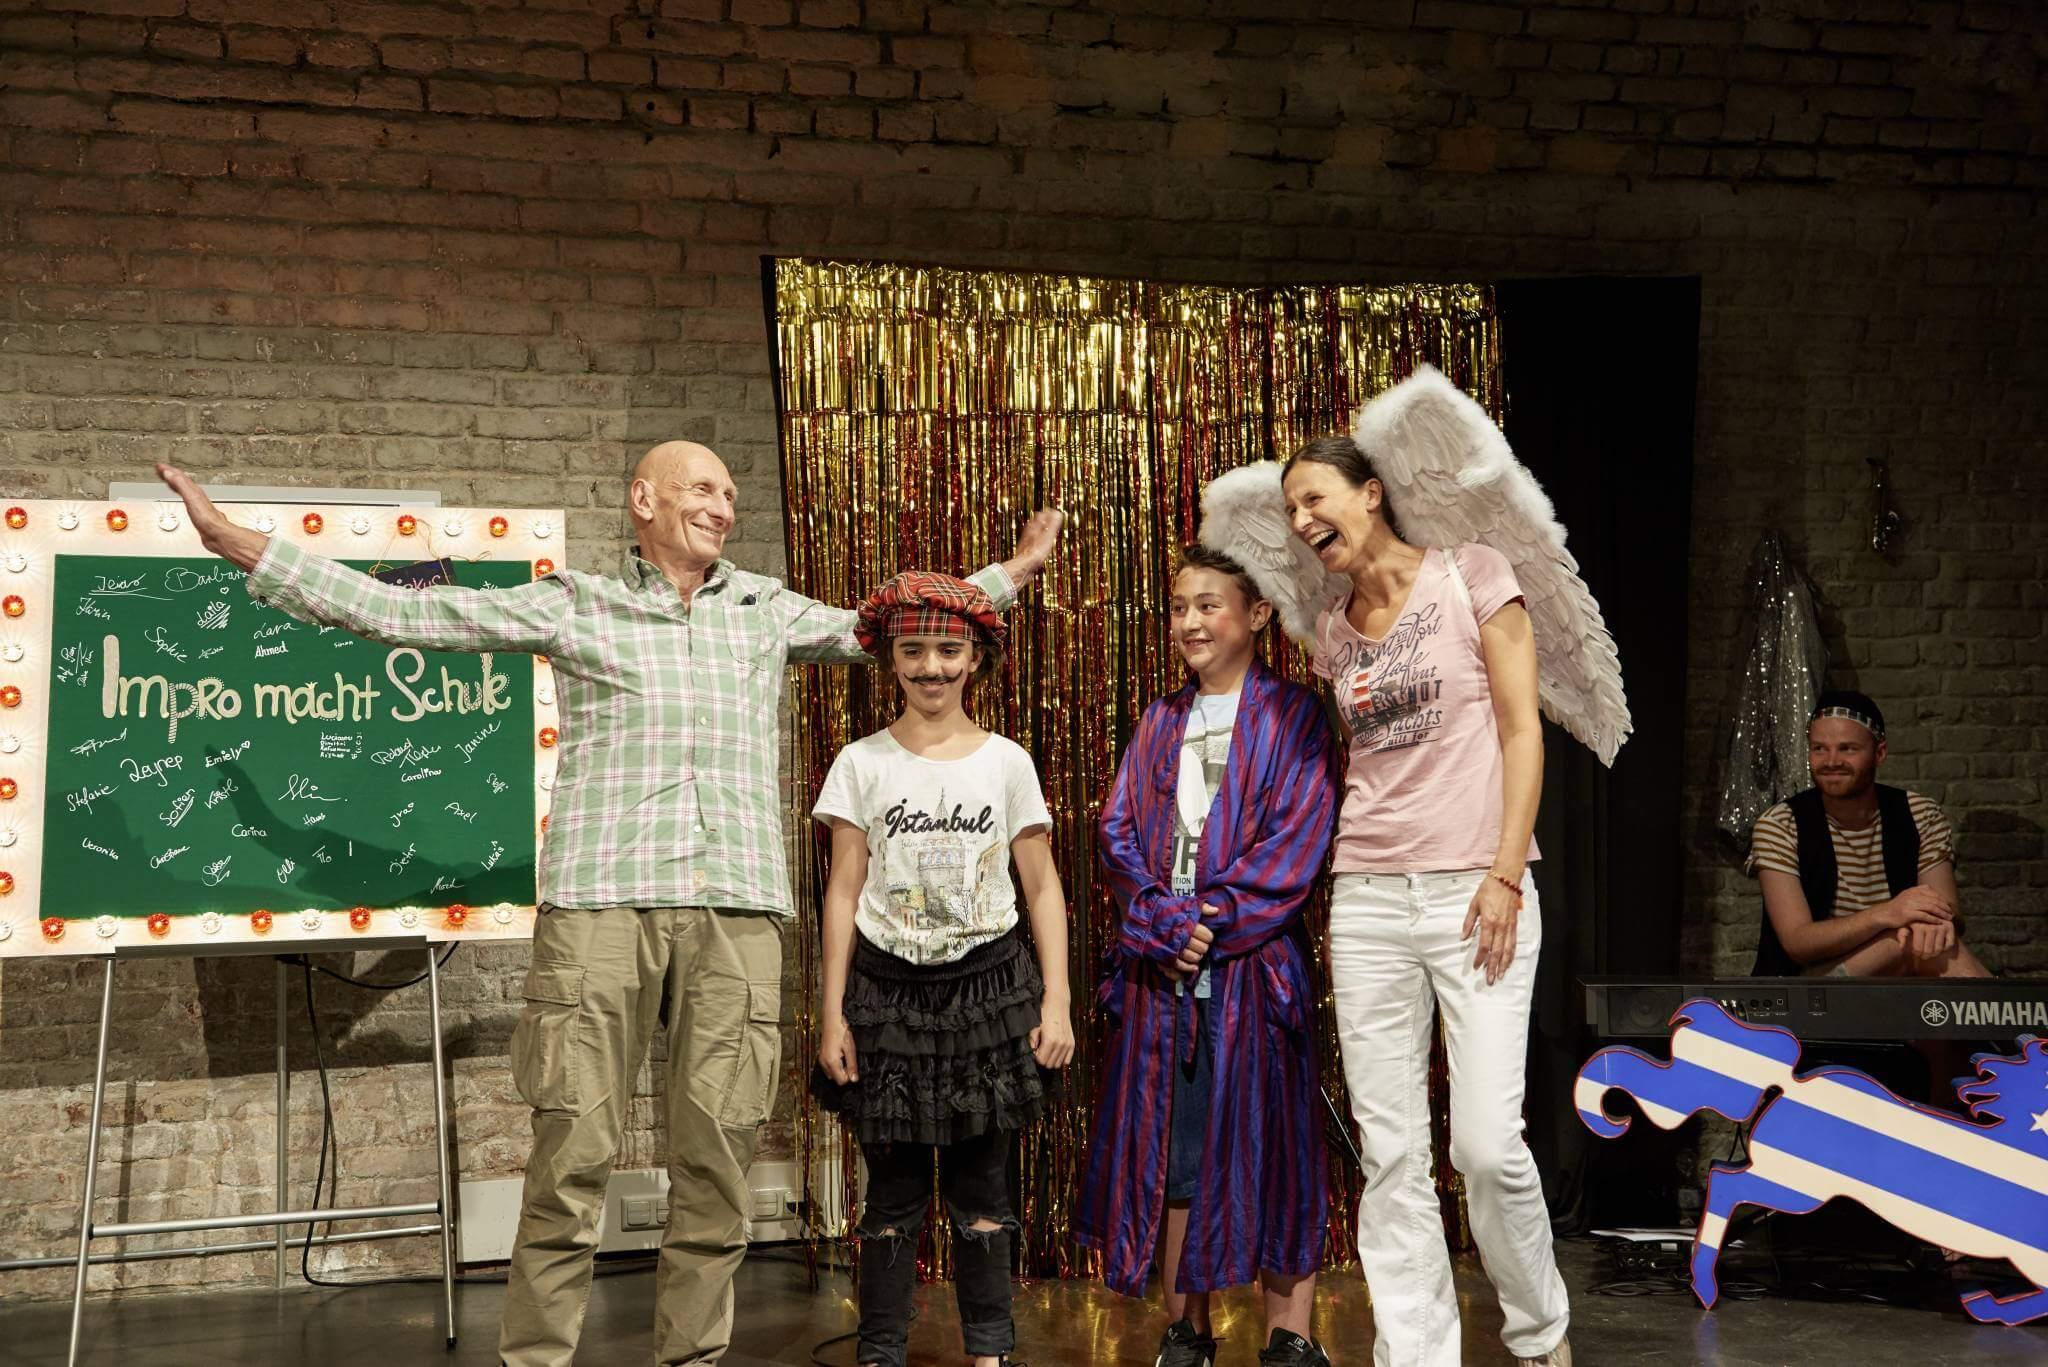 Karsten mit Istanbul&Co, Janine und Lukas